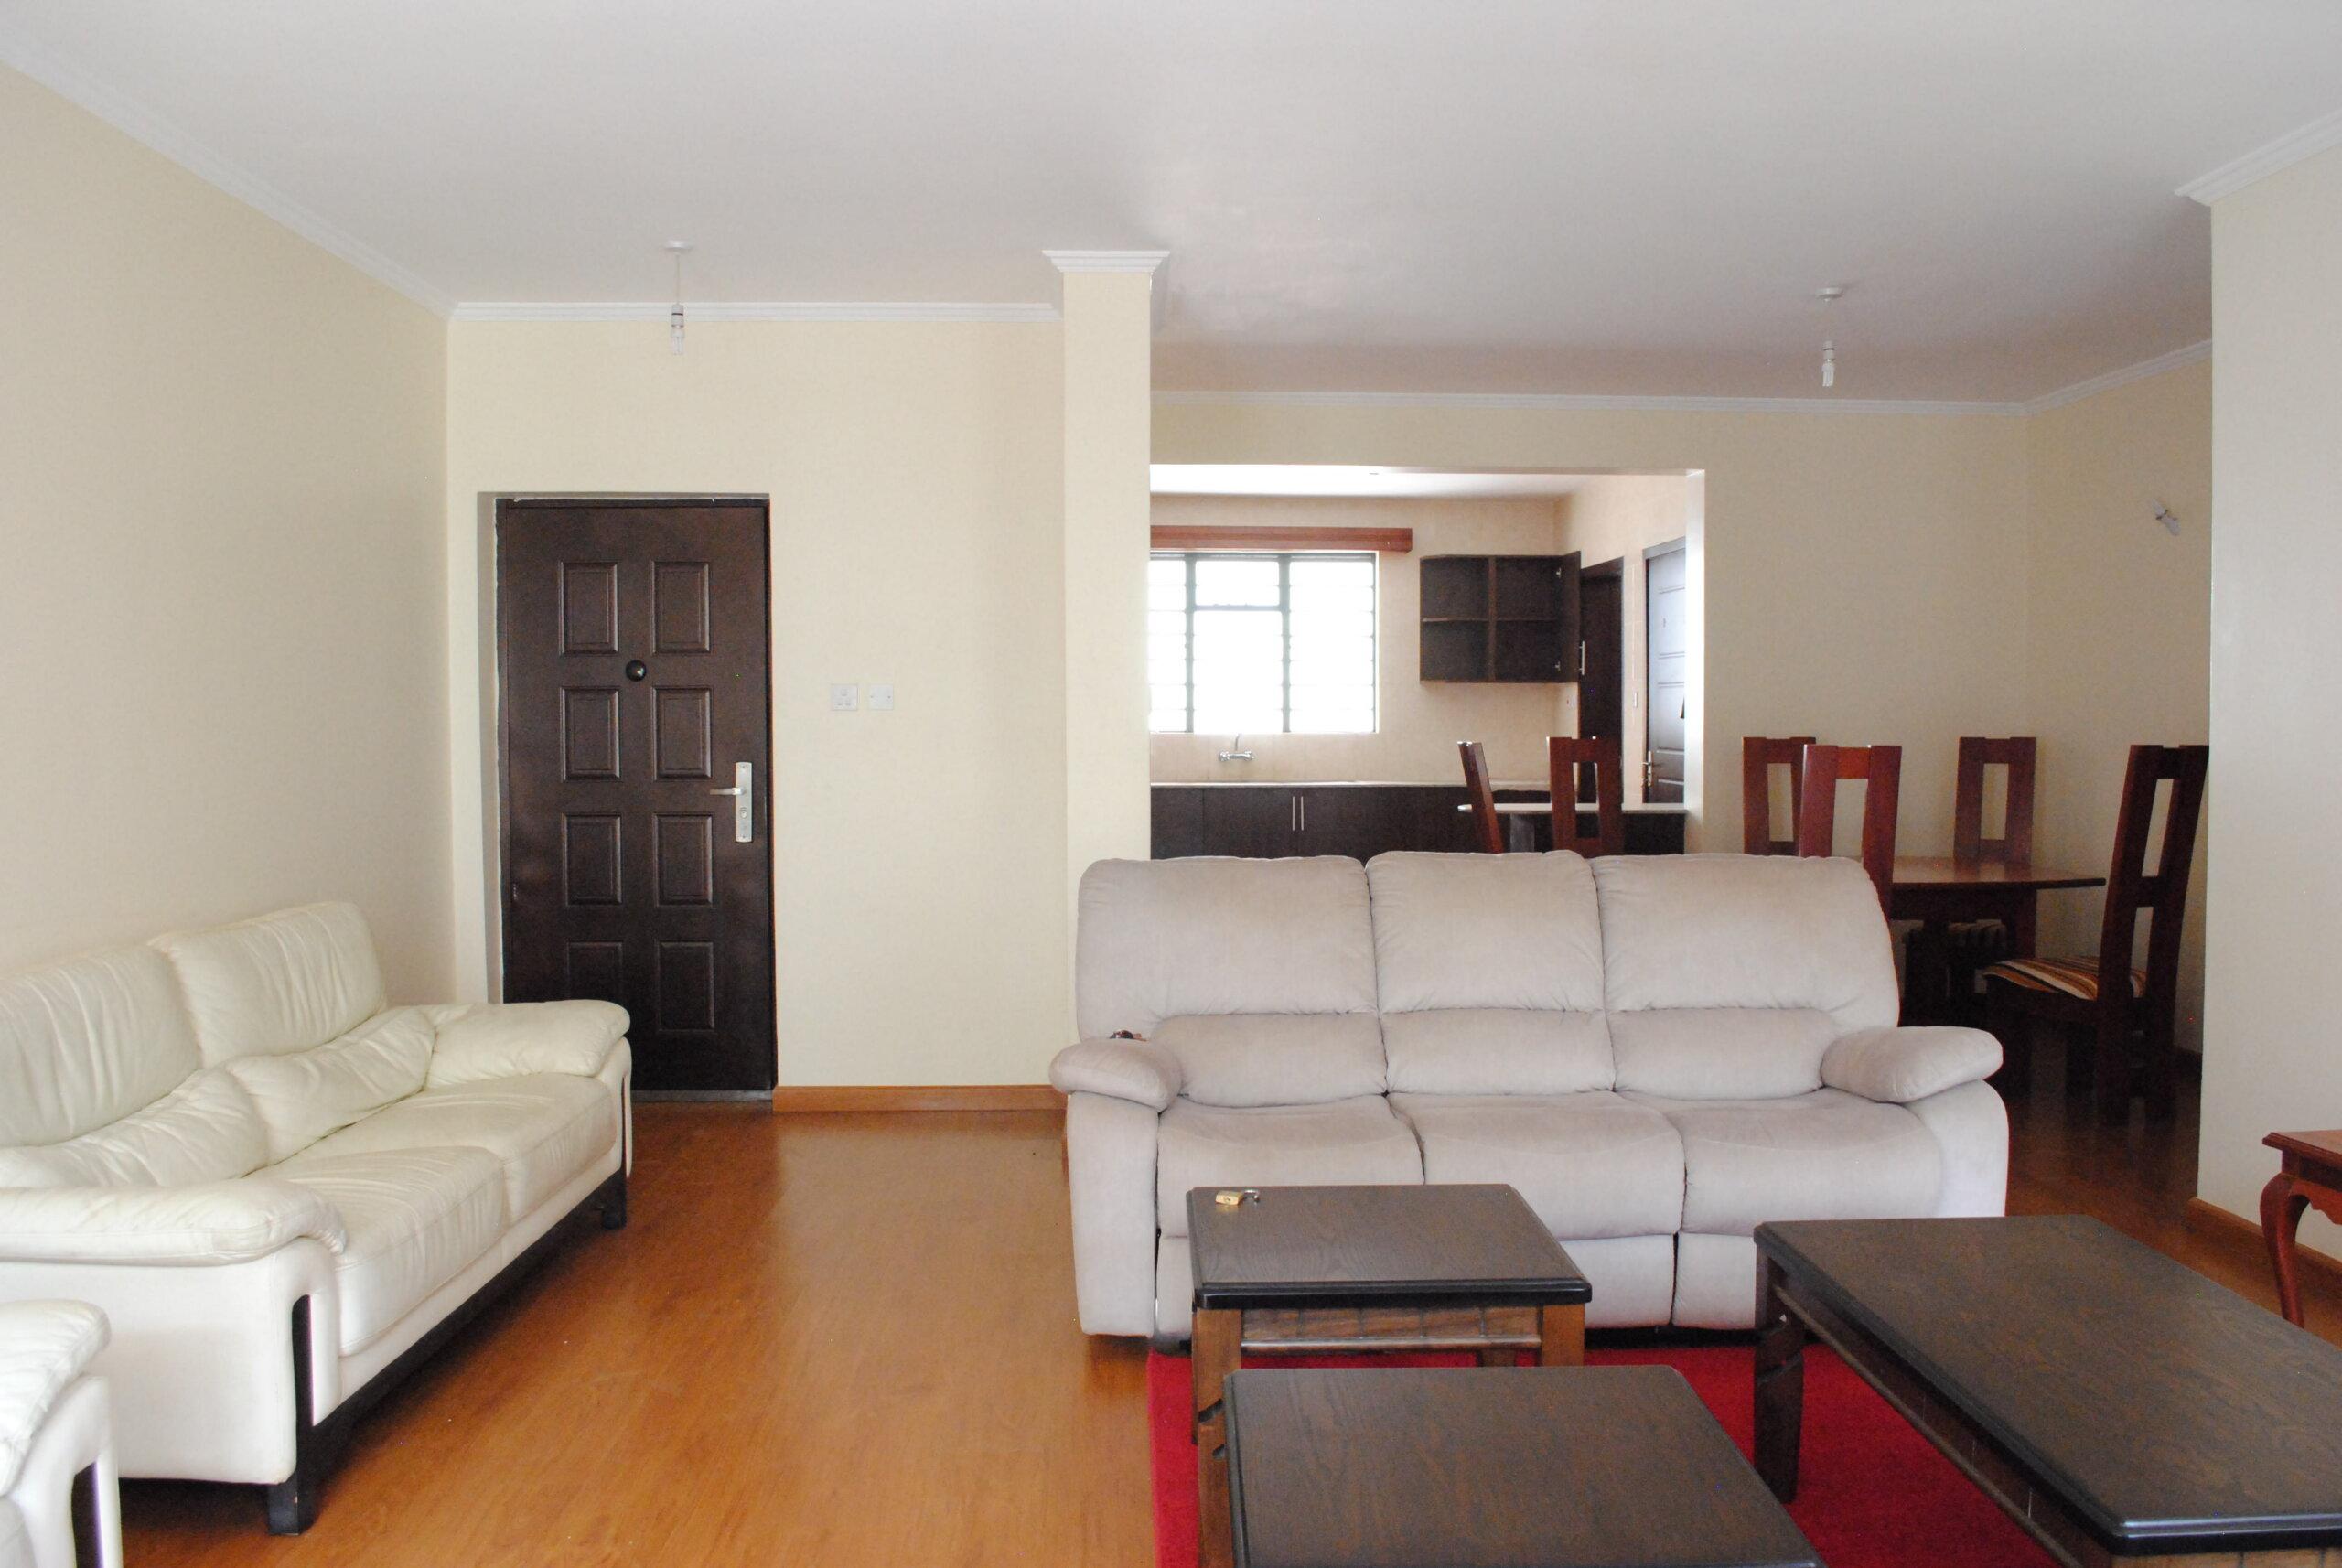 3 Bedroom Apartments in Westlands